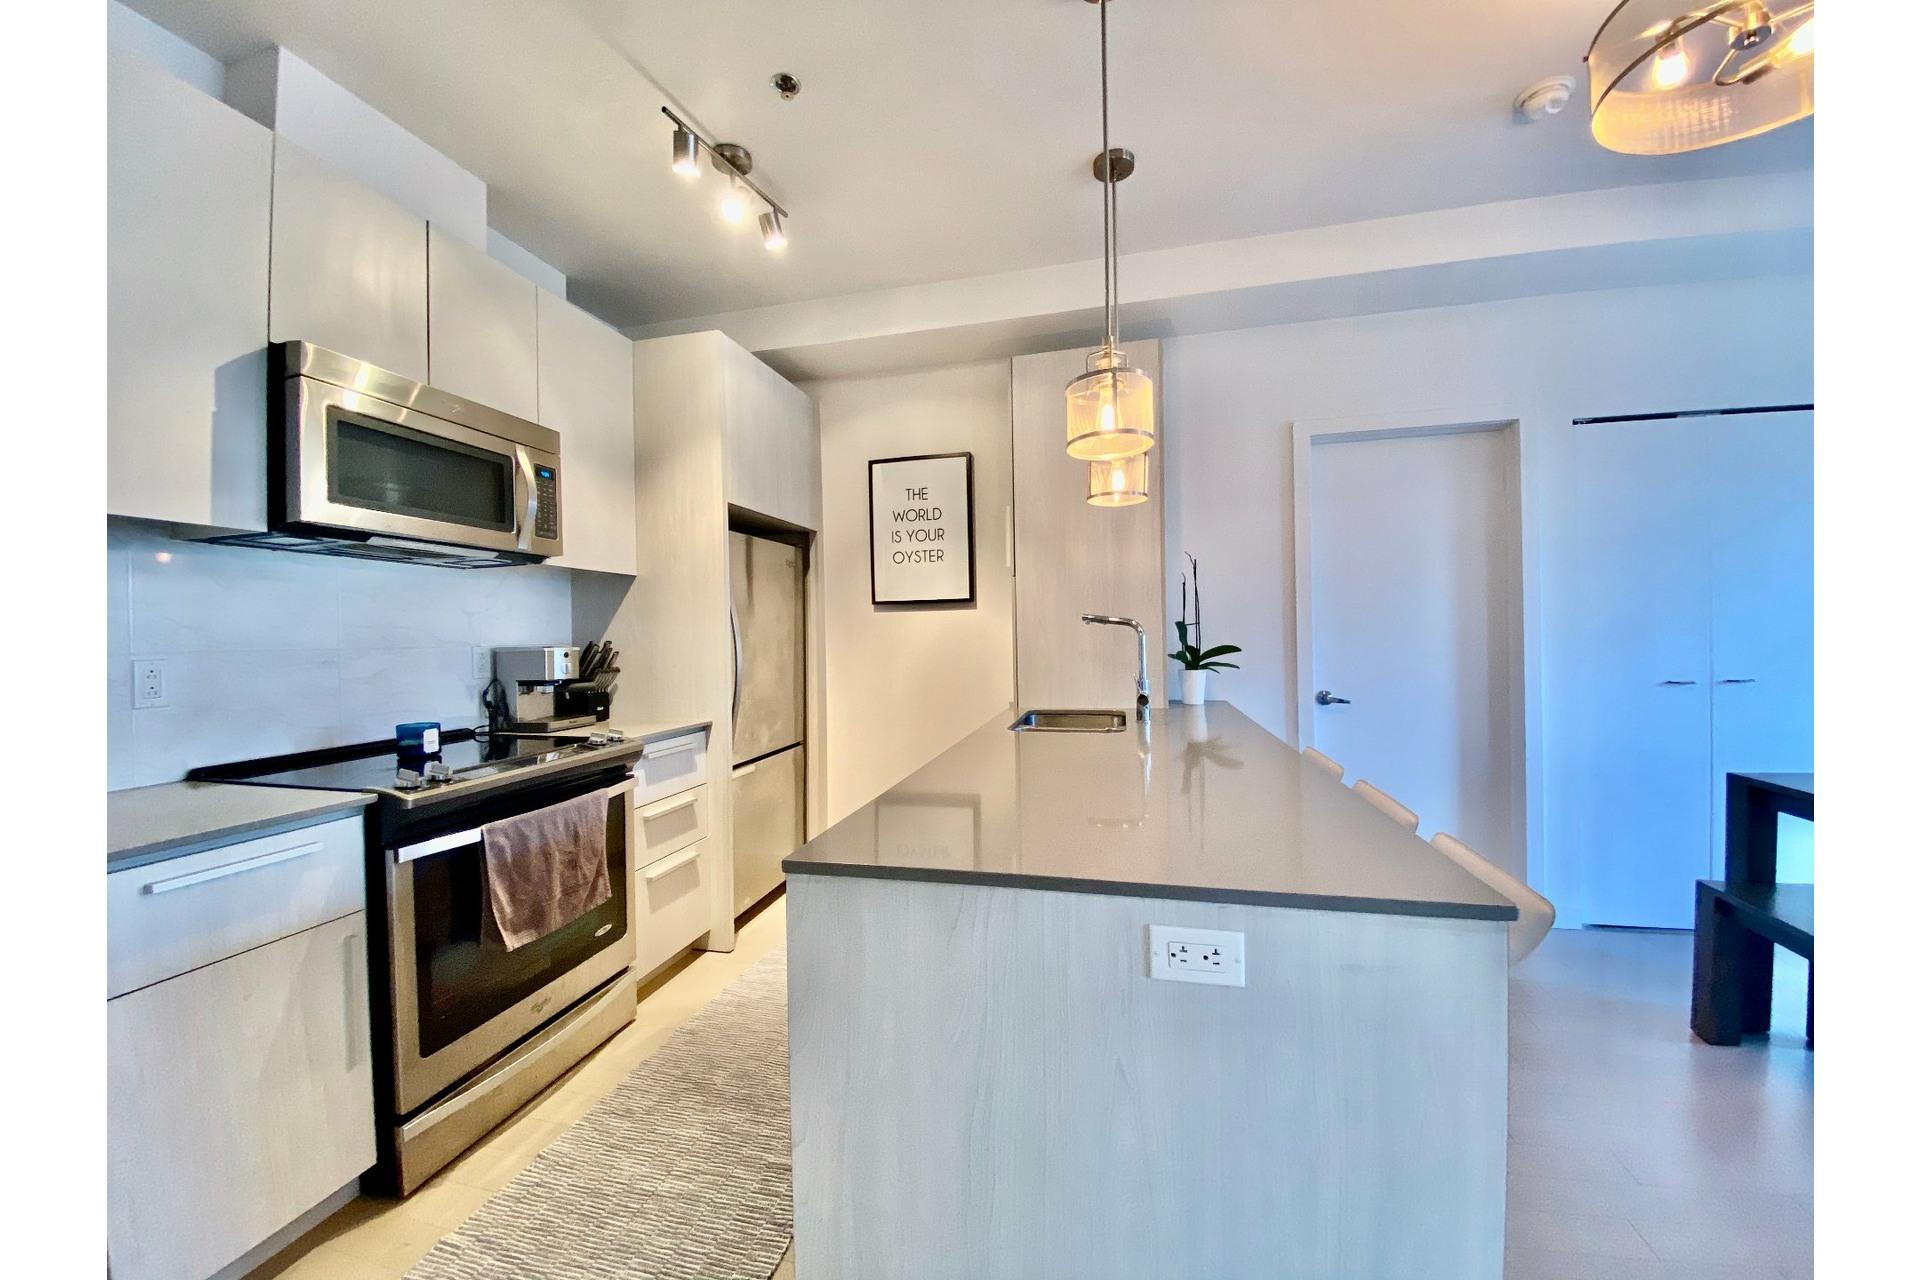 image 2 - Appartement À vendre Lachine Montréal  - 7 pièces